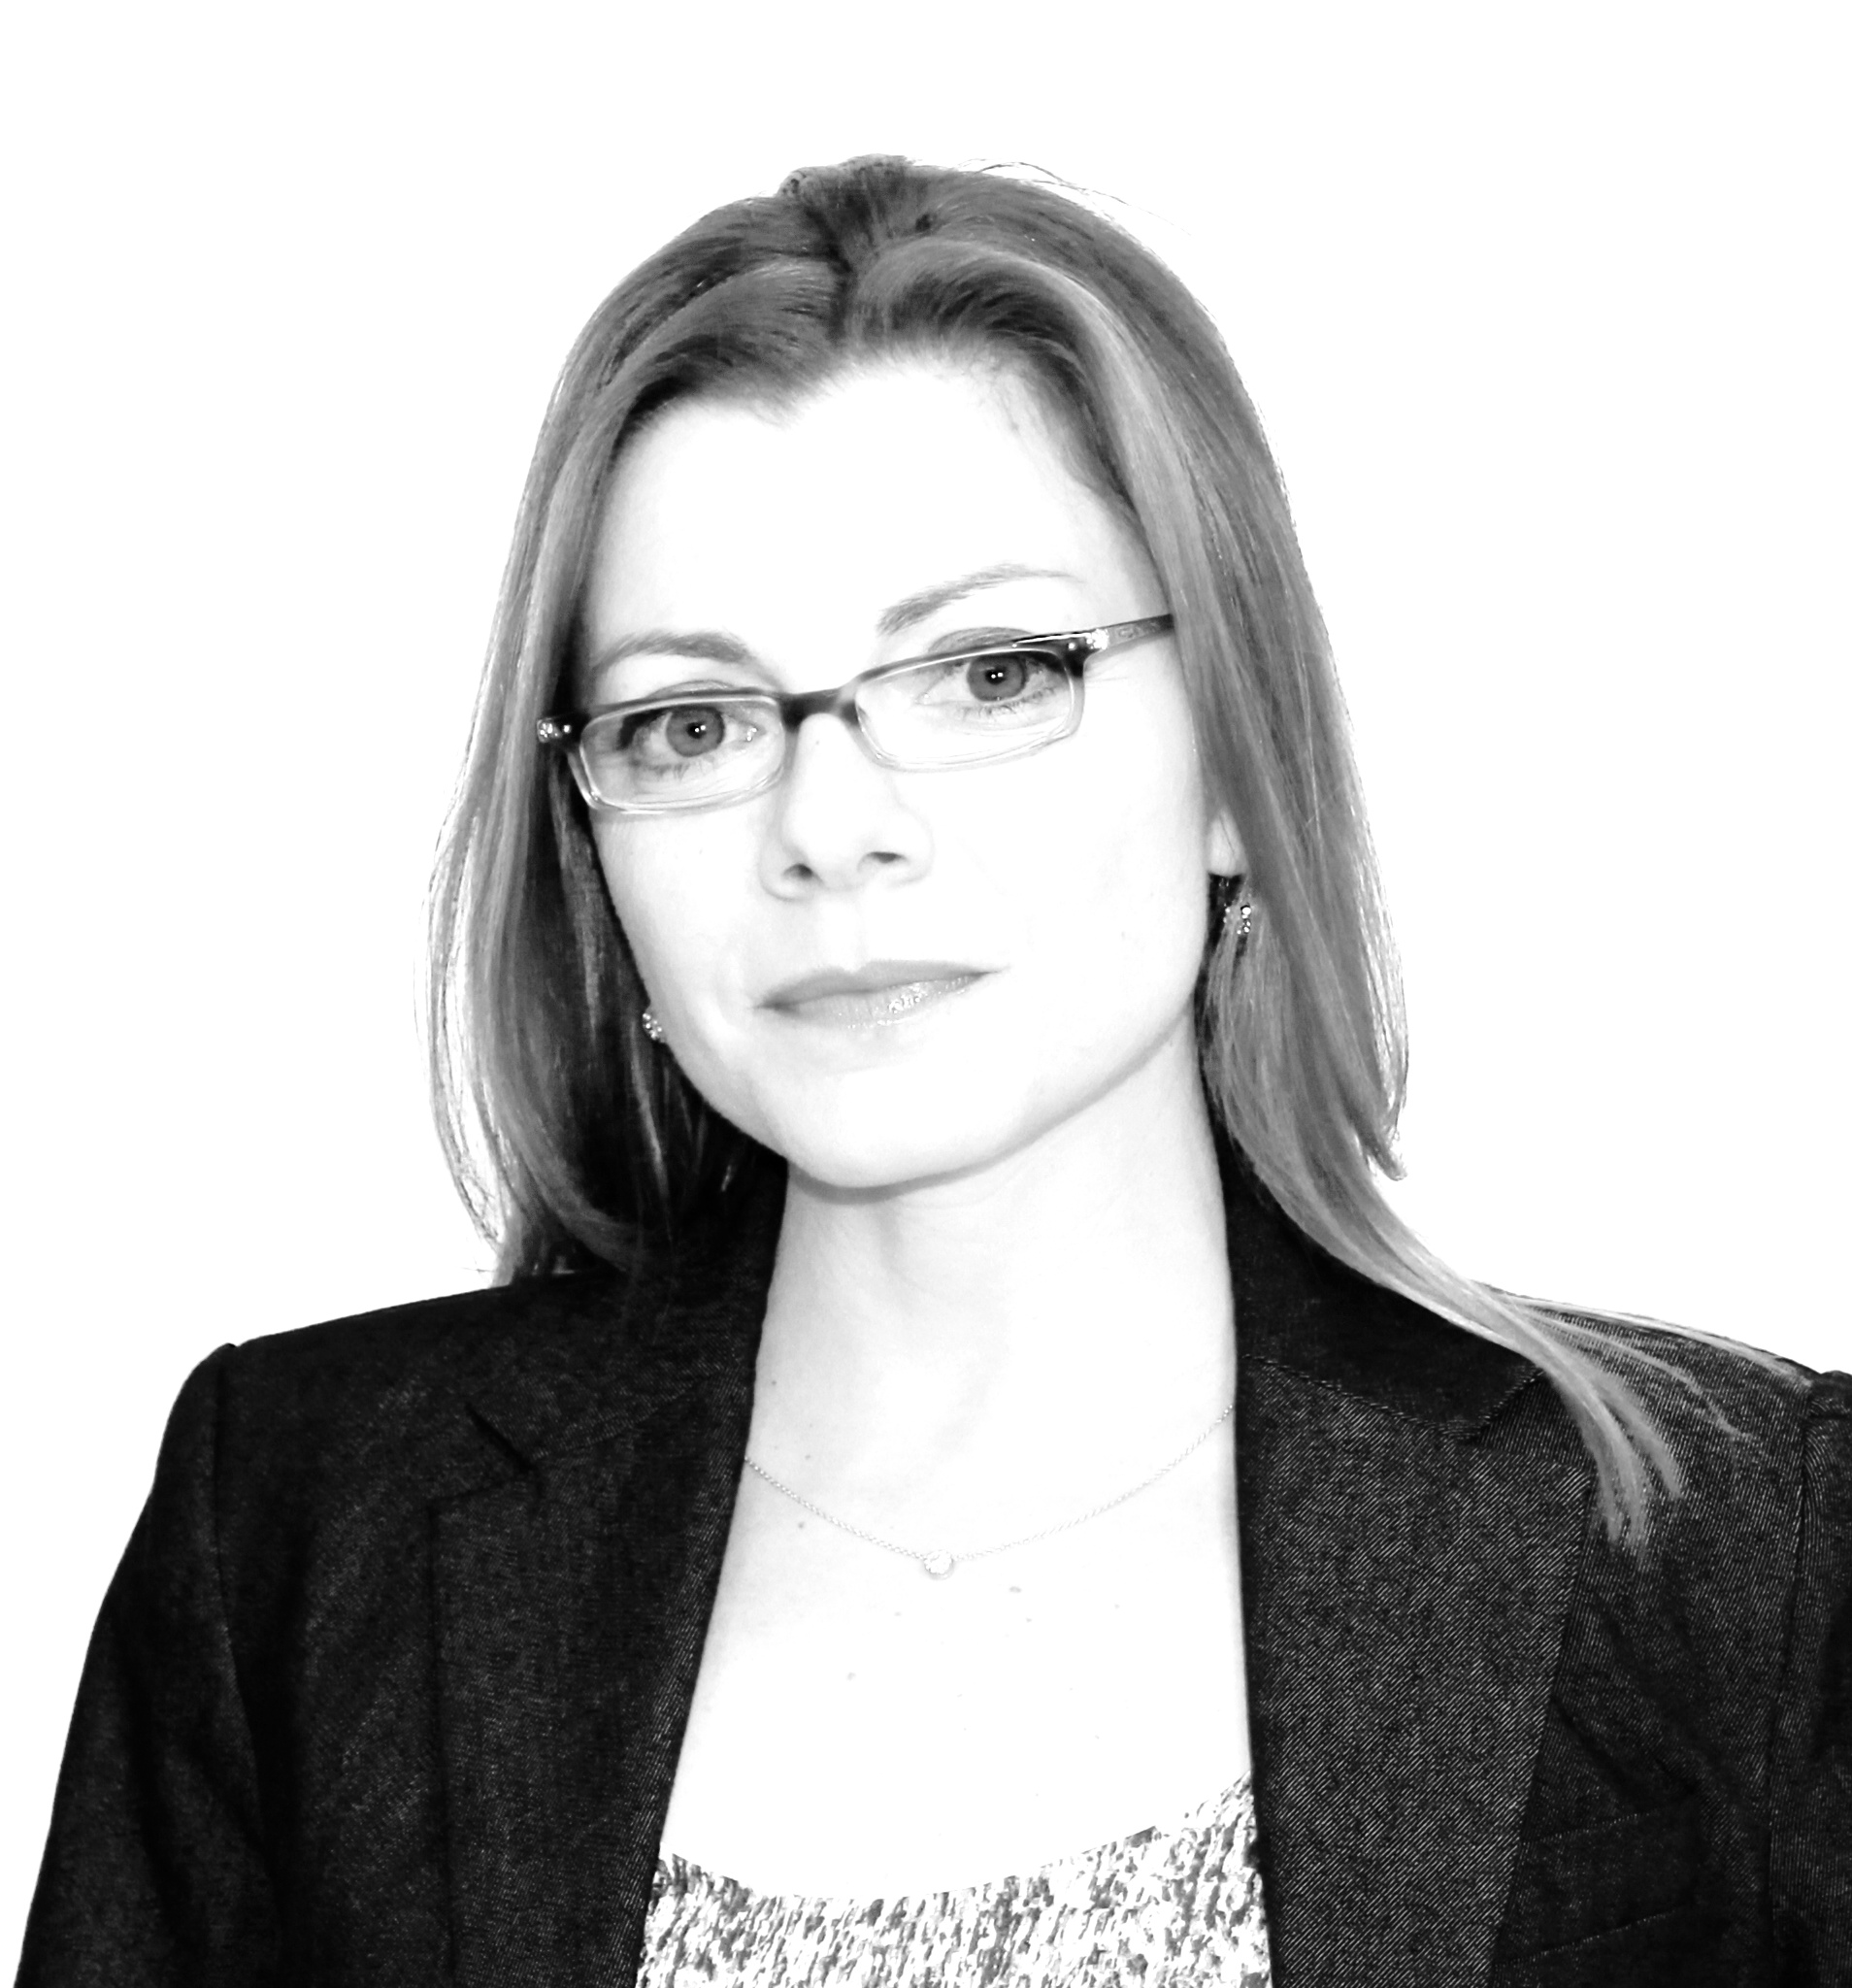 Valeria Piaggio - VP and Head of PolyCultural Insights at The Futures Company - Valeria-Piaggio-Photo-perfil